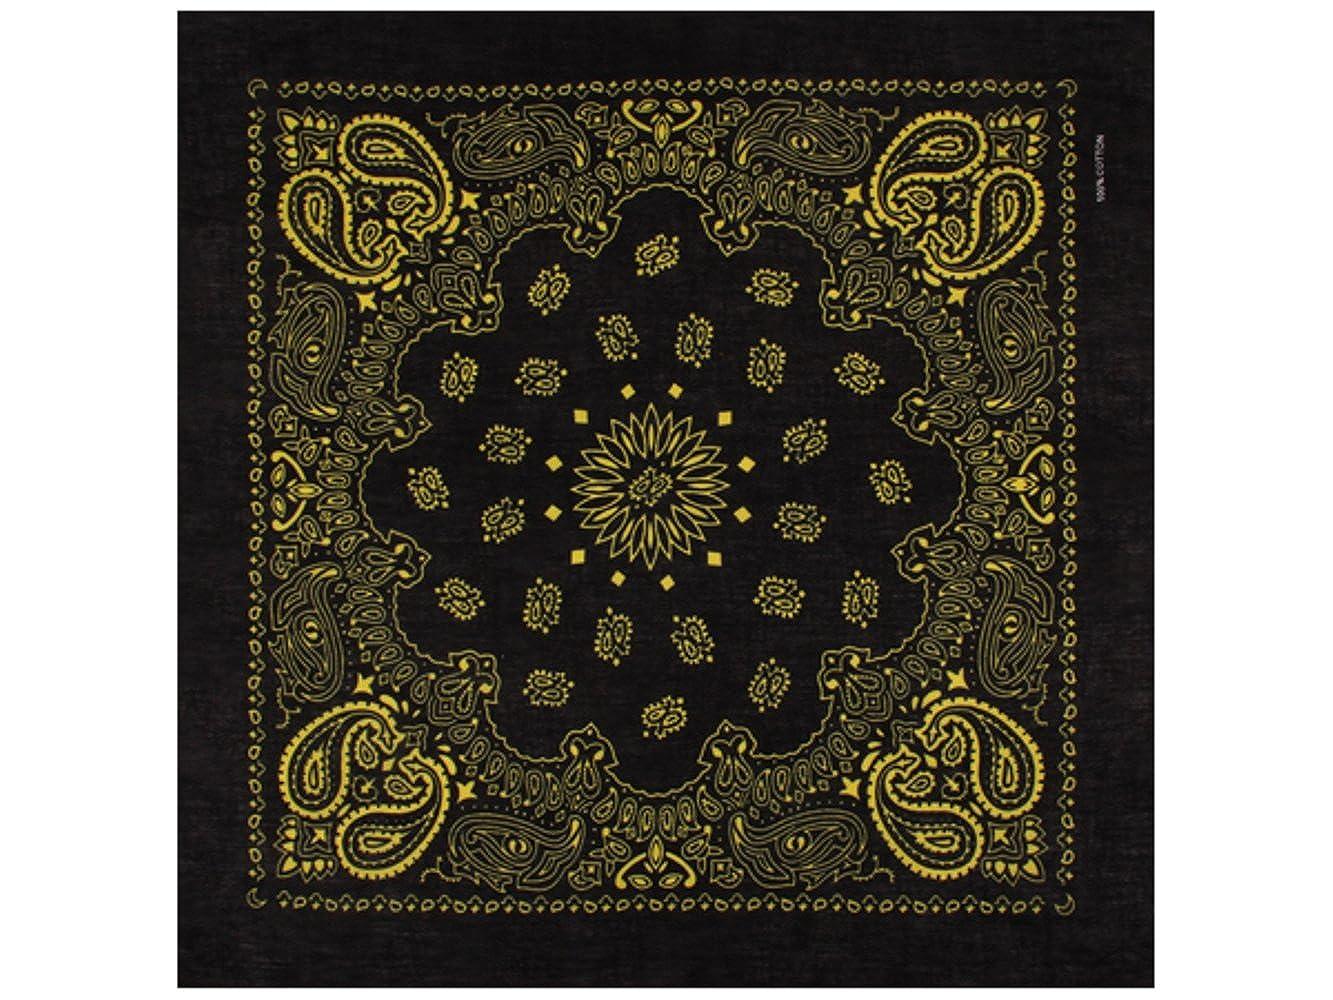 1 x Bandana Tuch Schwarz Gelb 100% Baumwolle Kopftuch Halstuch Schal Sonnenscheinschuhe®